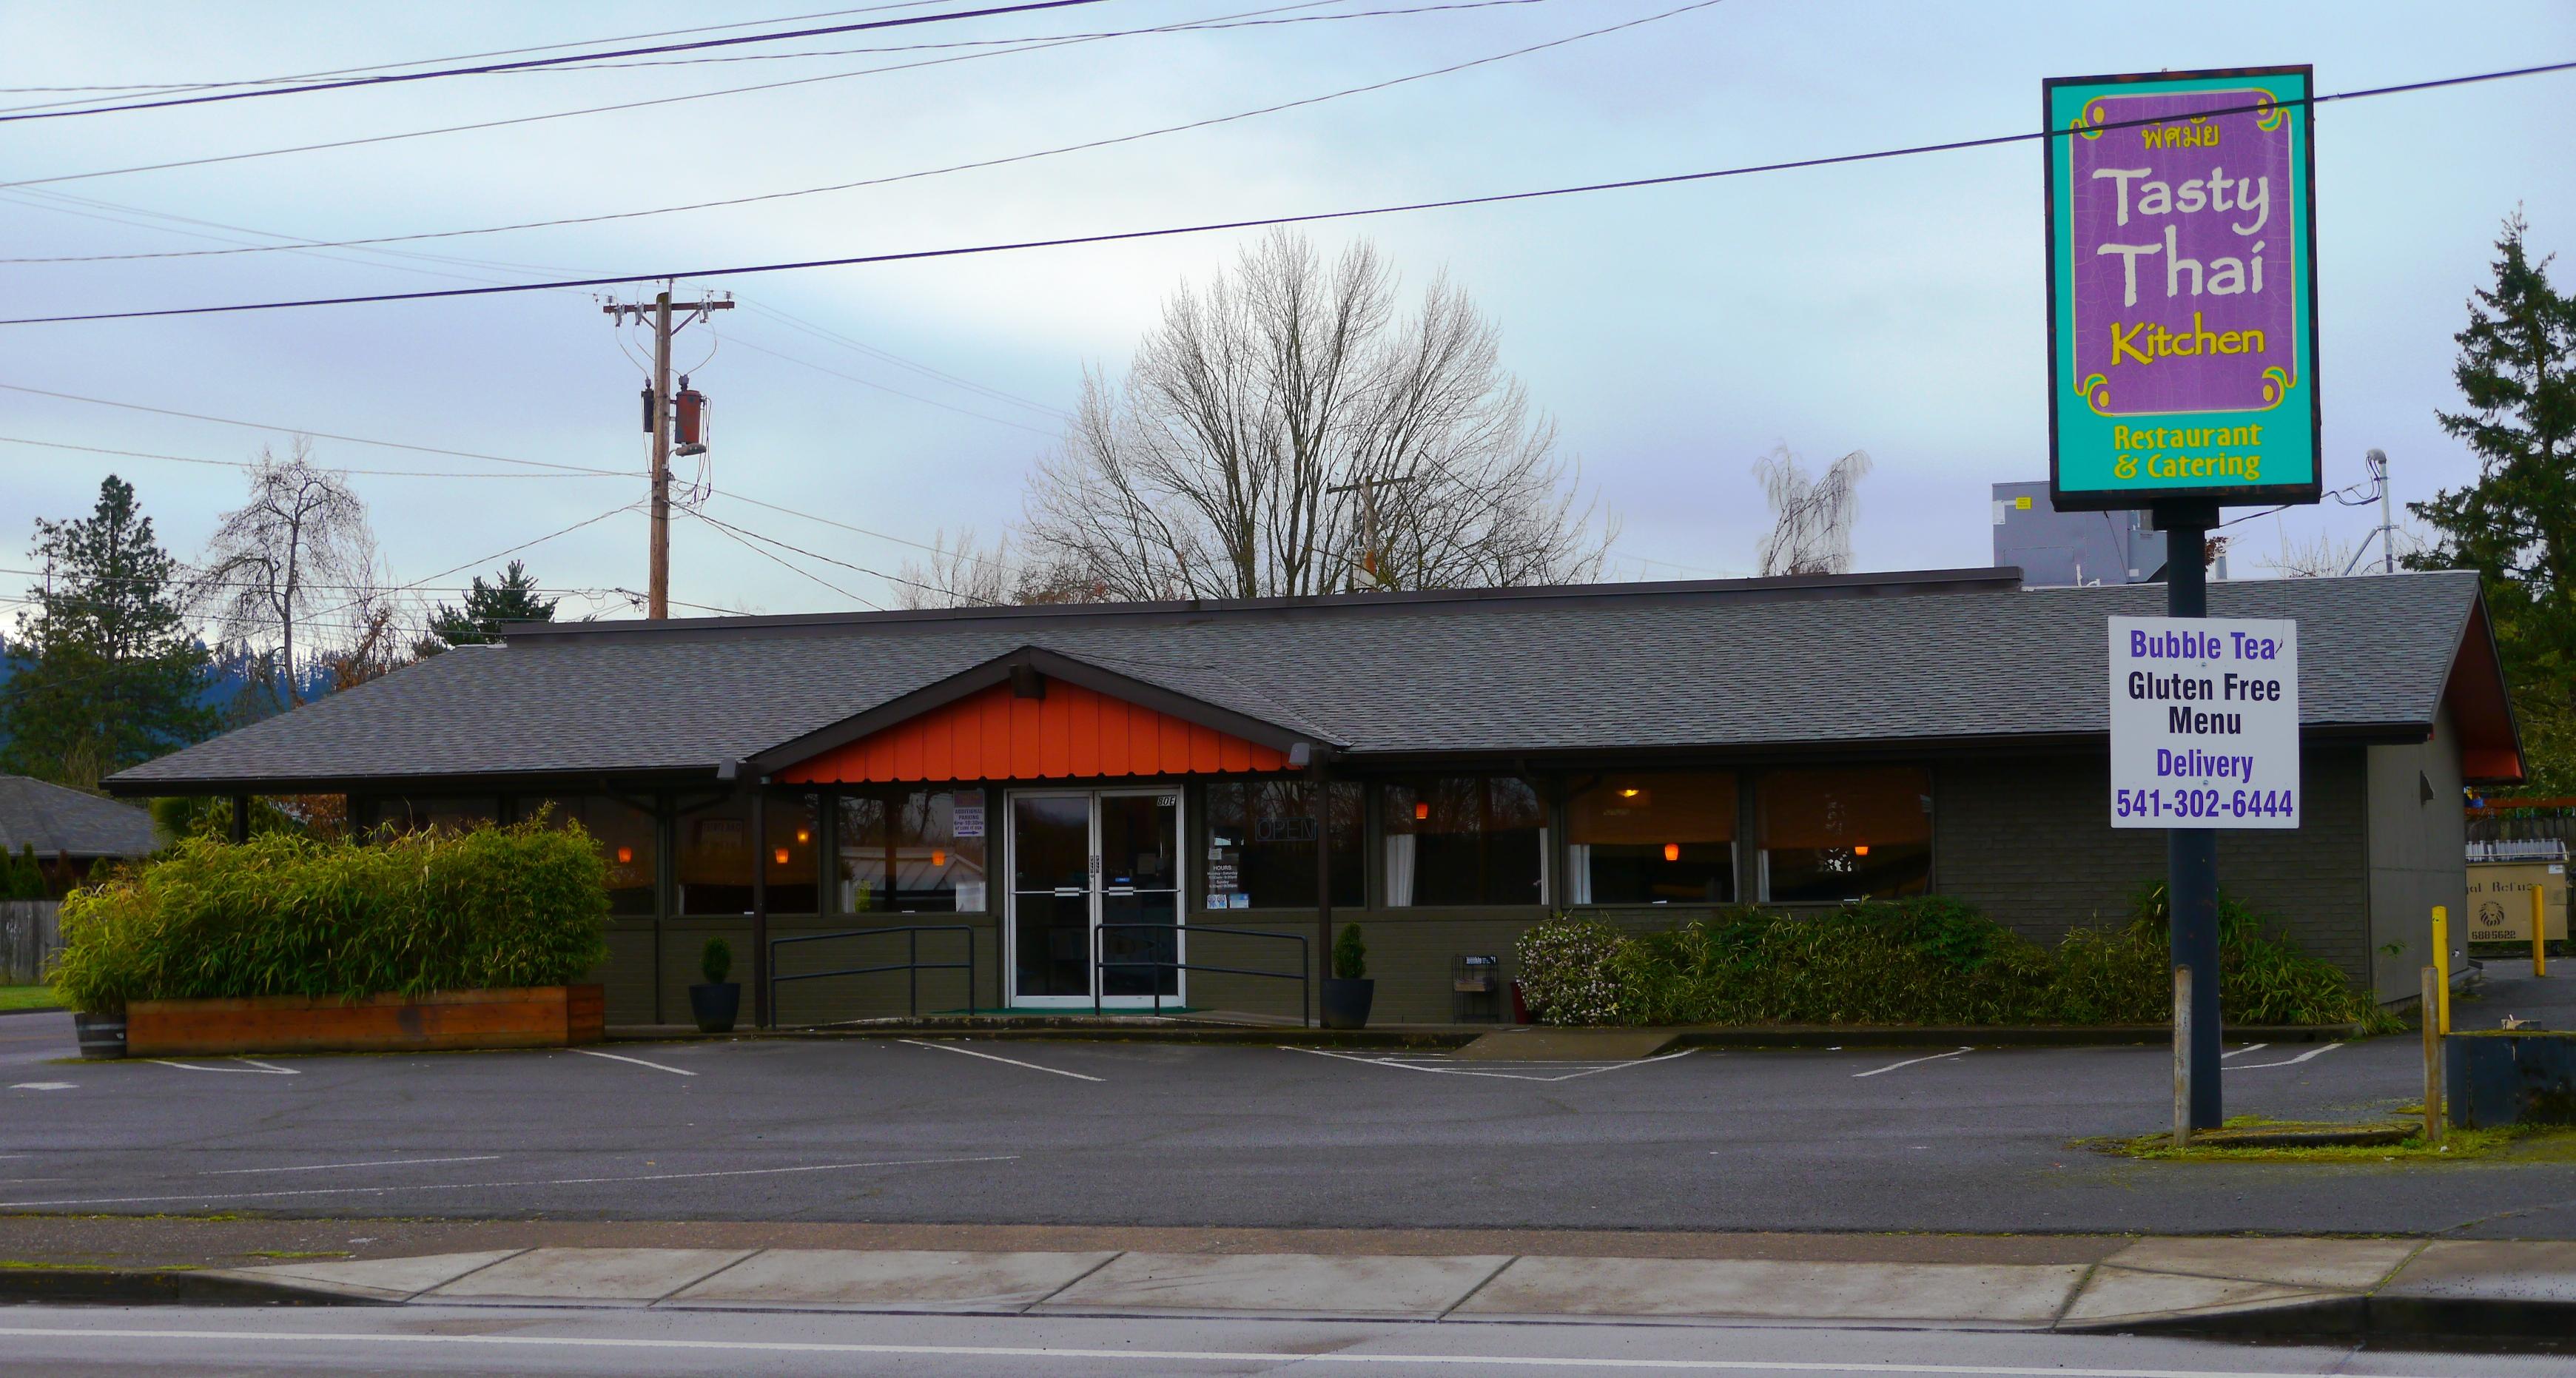 File:Tasty Thai Kitchen in Eugene, Oregon.jpg - Wikimedia Commons